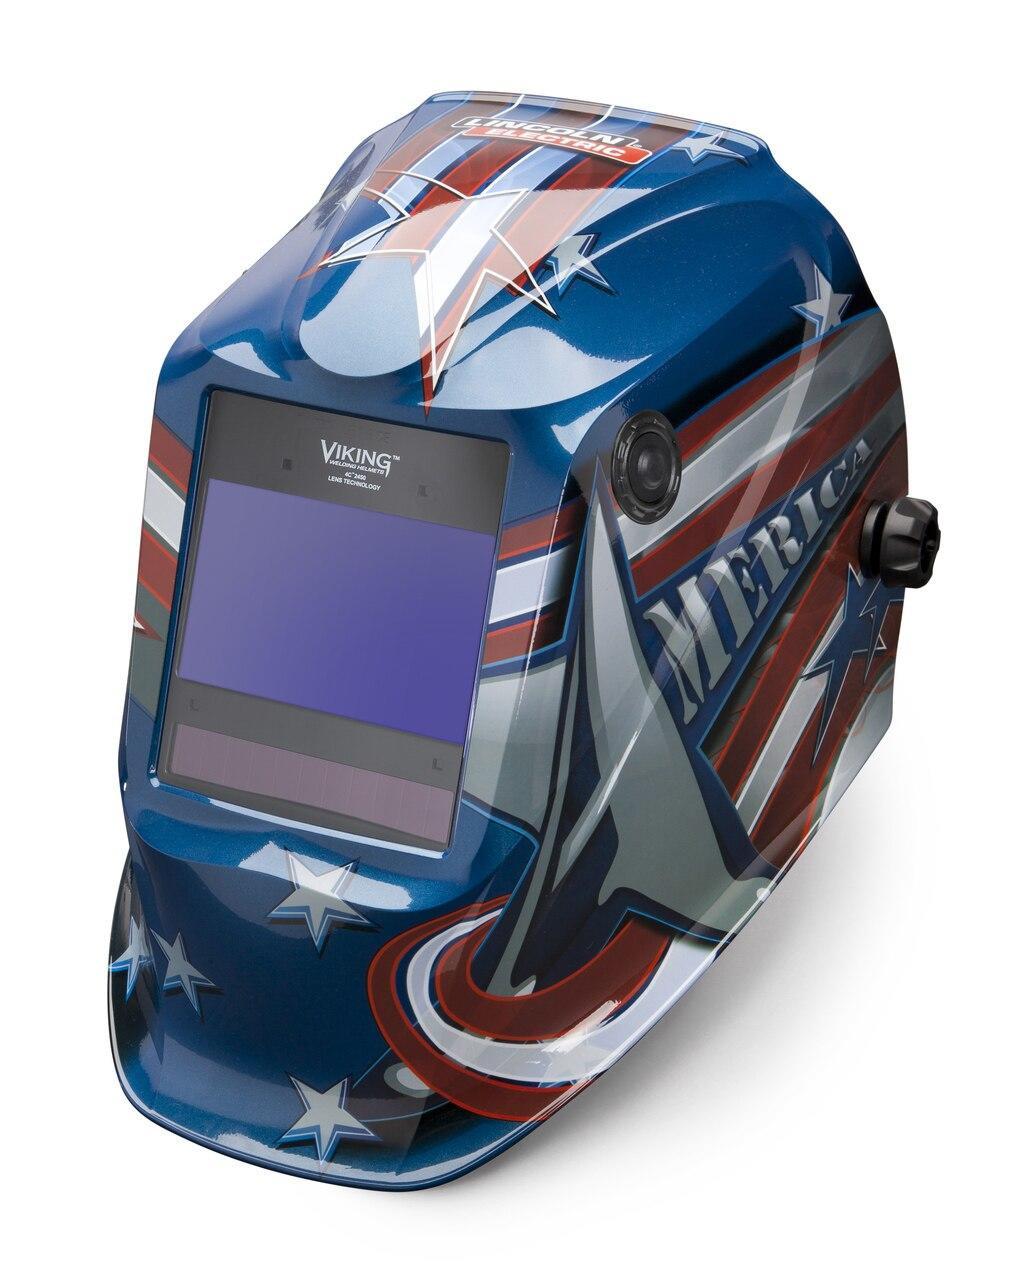 Lincoln Viking 2450 All American Welding Helmet K3174-4